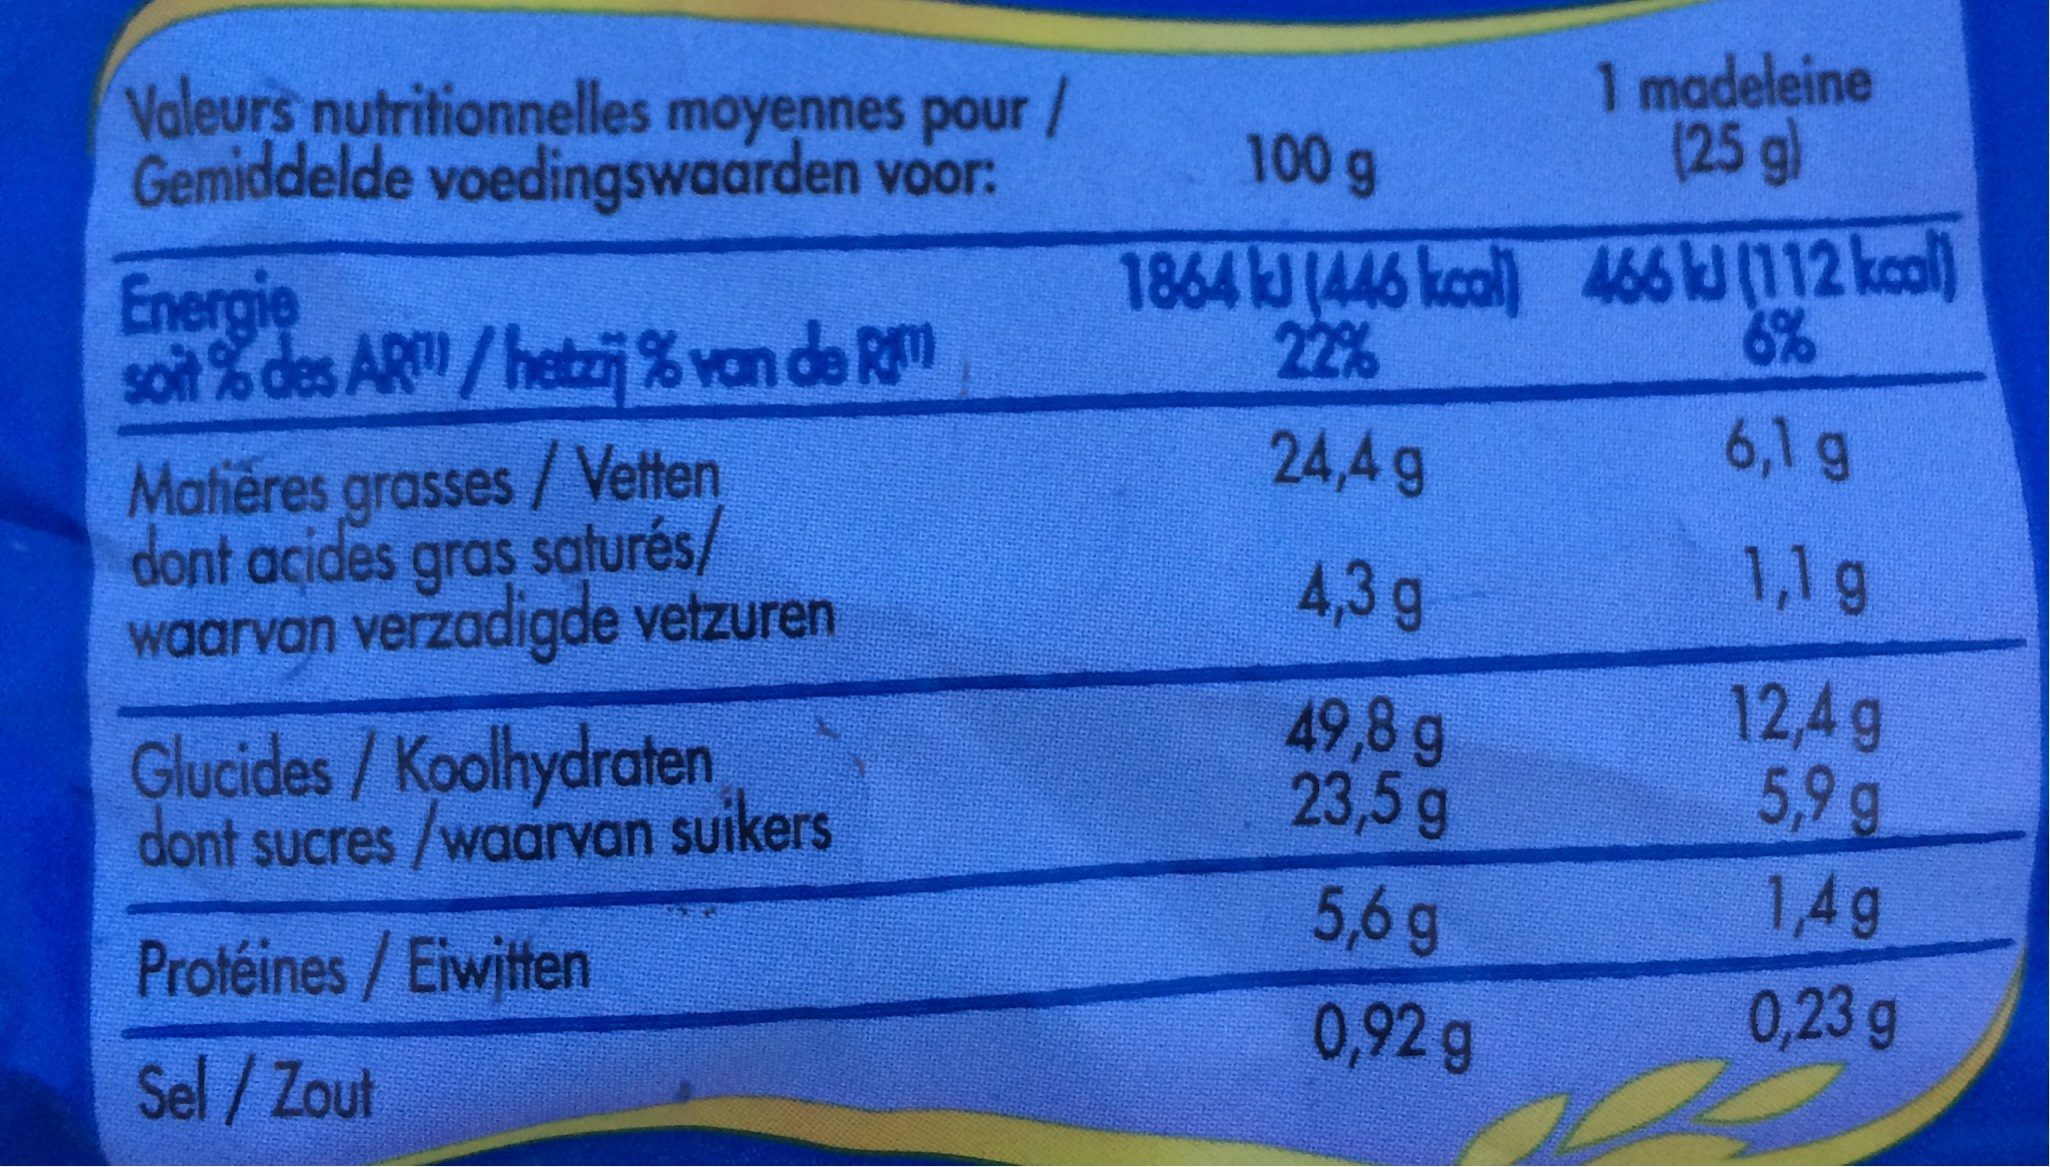 Madeleines aux pépites de chocolat le paquet de 16 400 g - Nutrition facts